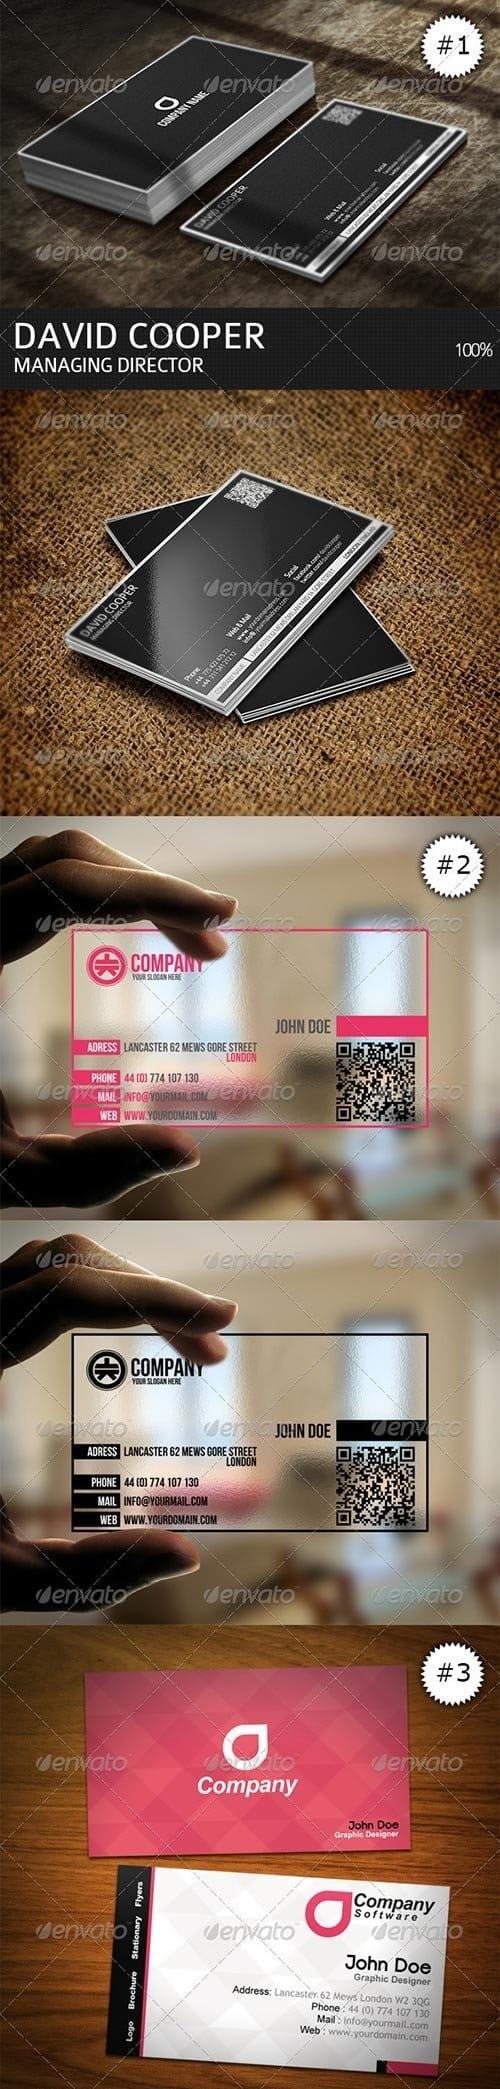 دانلود طرح لایه باز کارت ویزیت 2561559